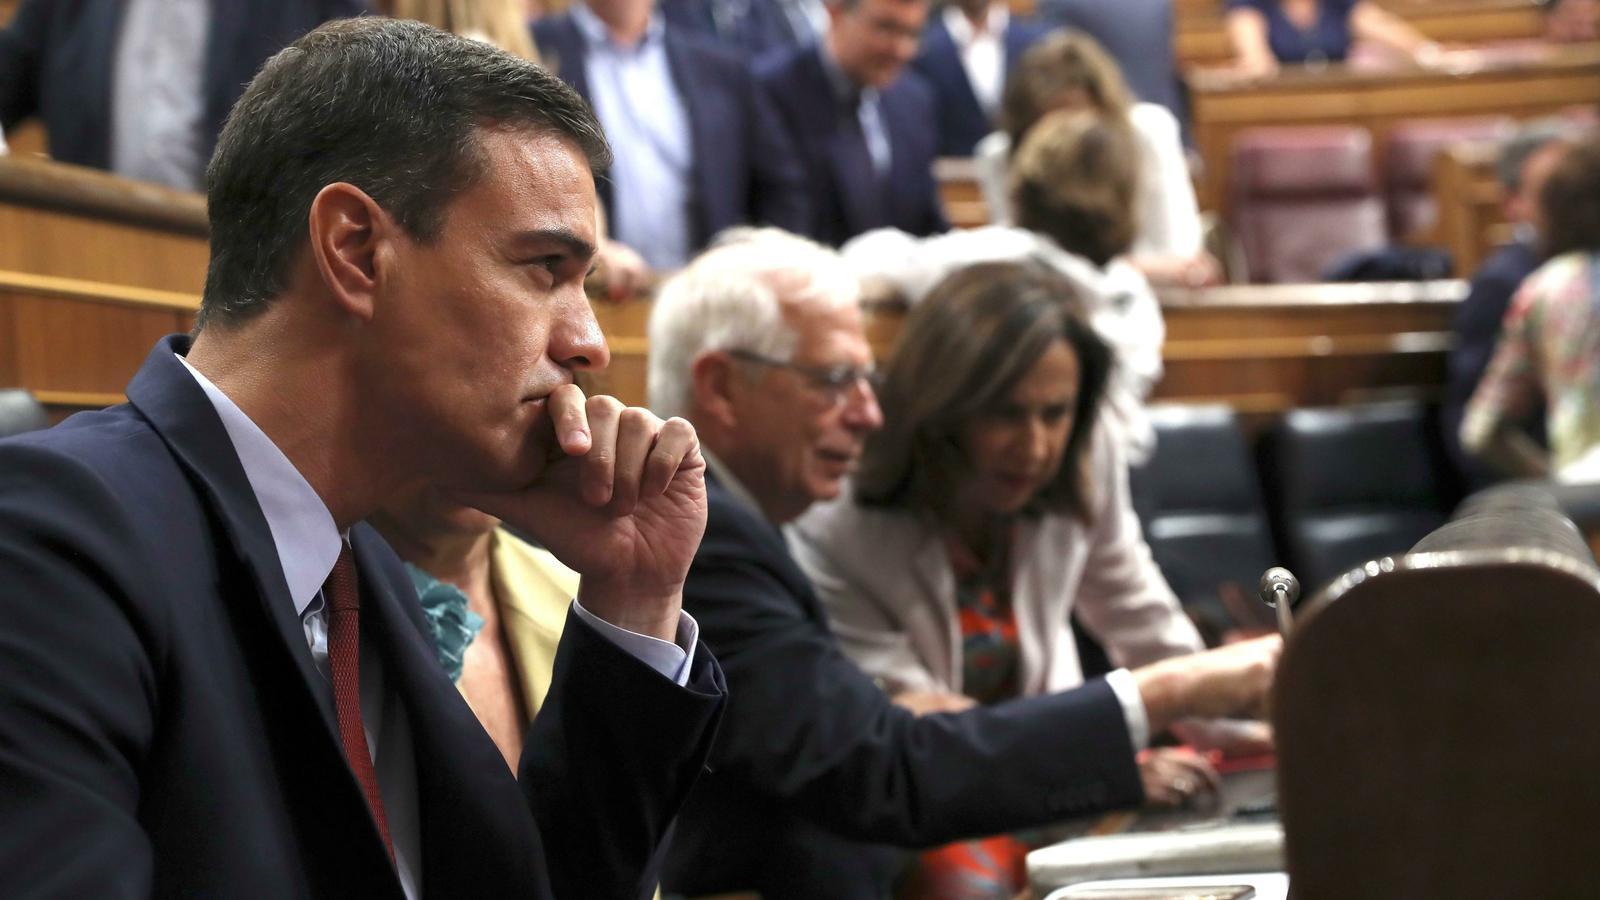 Sánchez fa un discurs d'investidura social amb pocs gestos a Podem i sense mencions a Catalunya